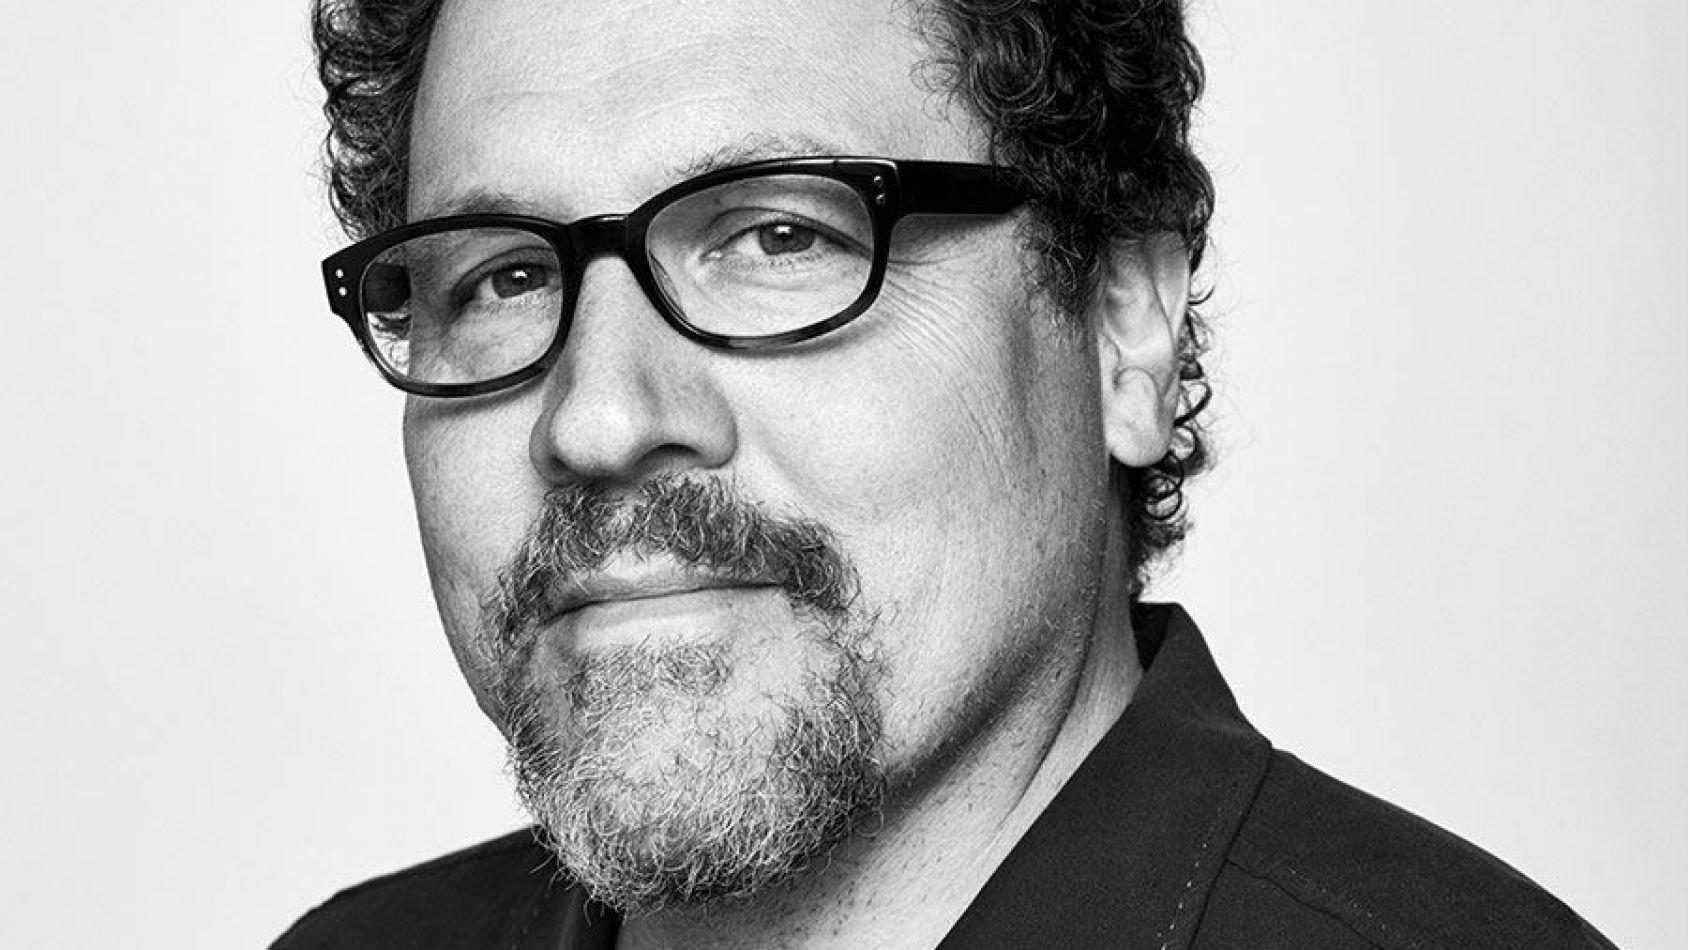 Jon Favreau écrira et produira une série live Action Star Wars